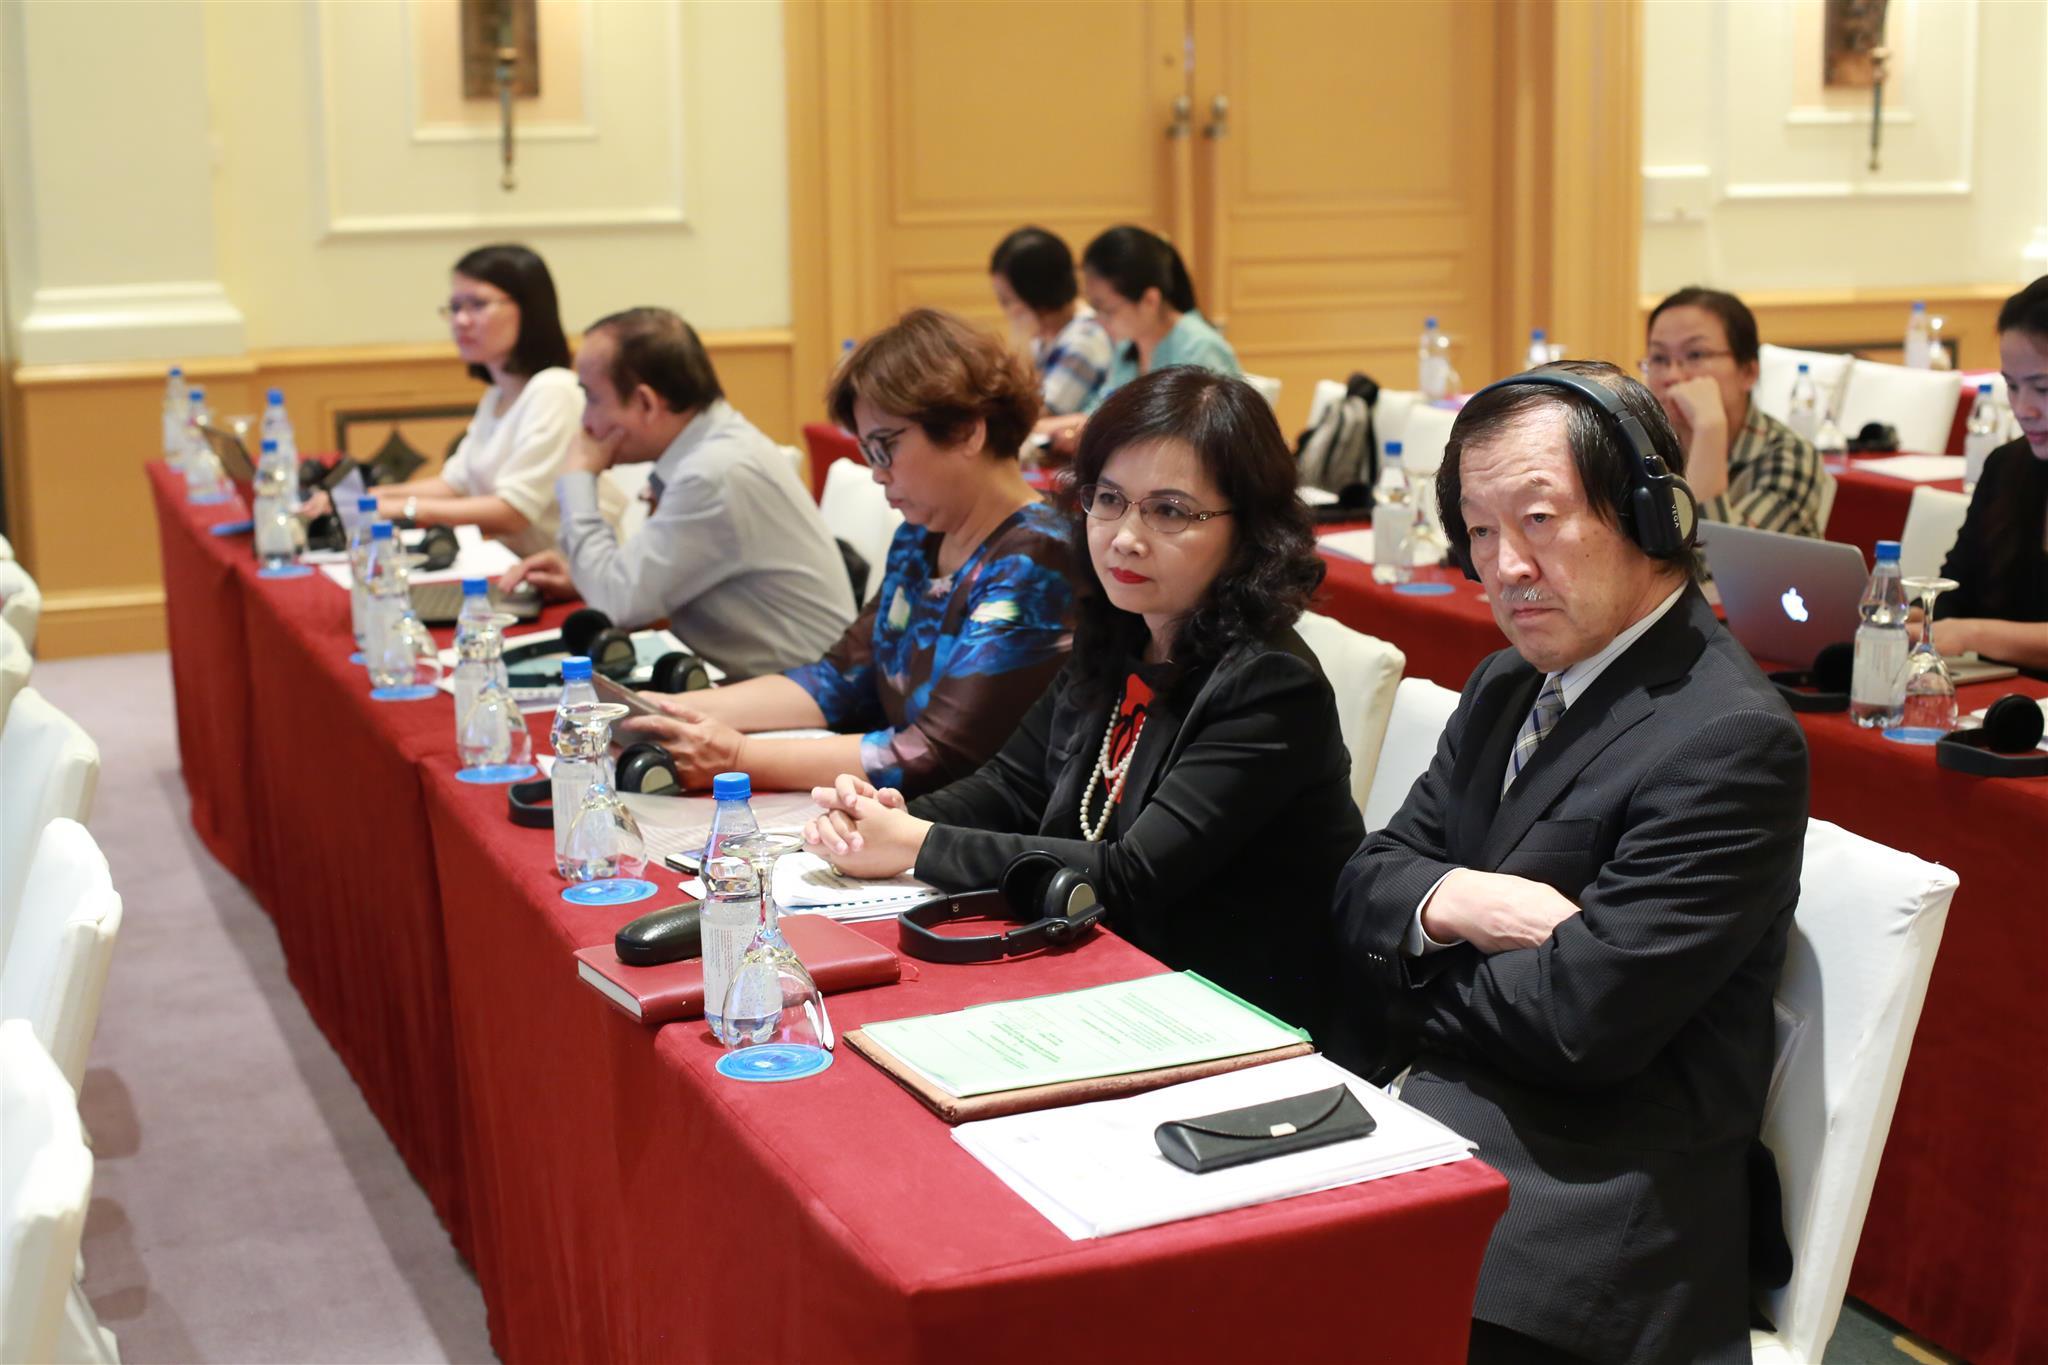 VASS - Prof. Masafumi Nagao, Team Leader and Assoc. Profes. Dr. Dang Thi Thanh Huyen, Deputy Team Leader